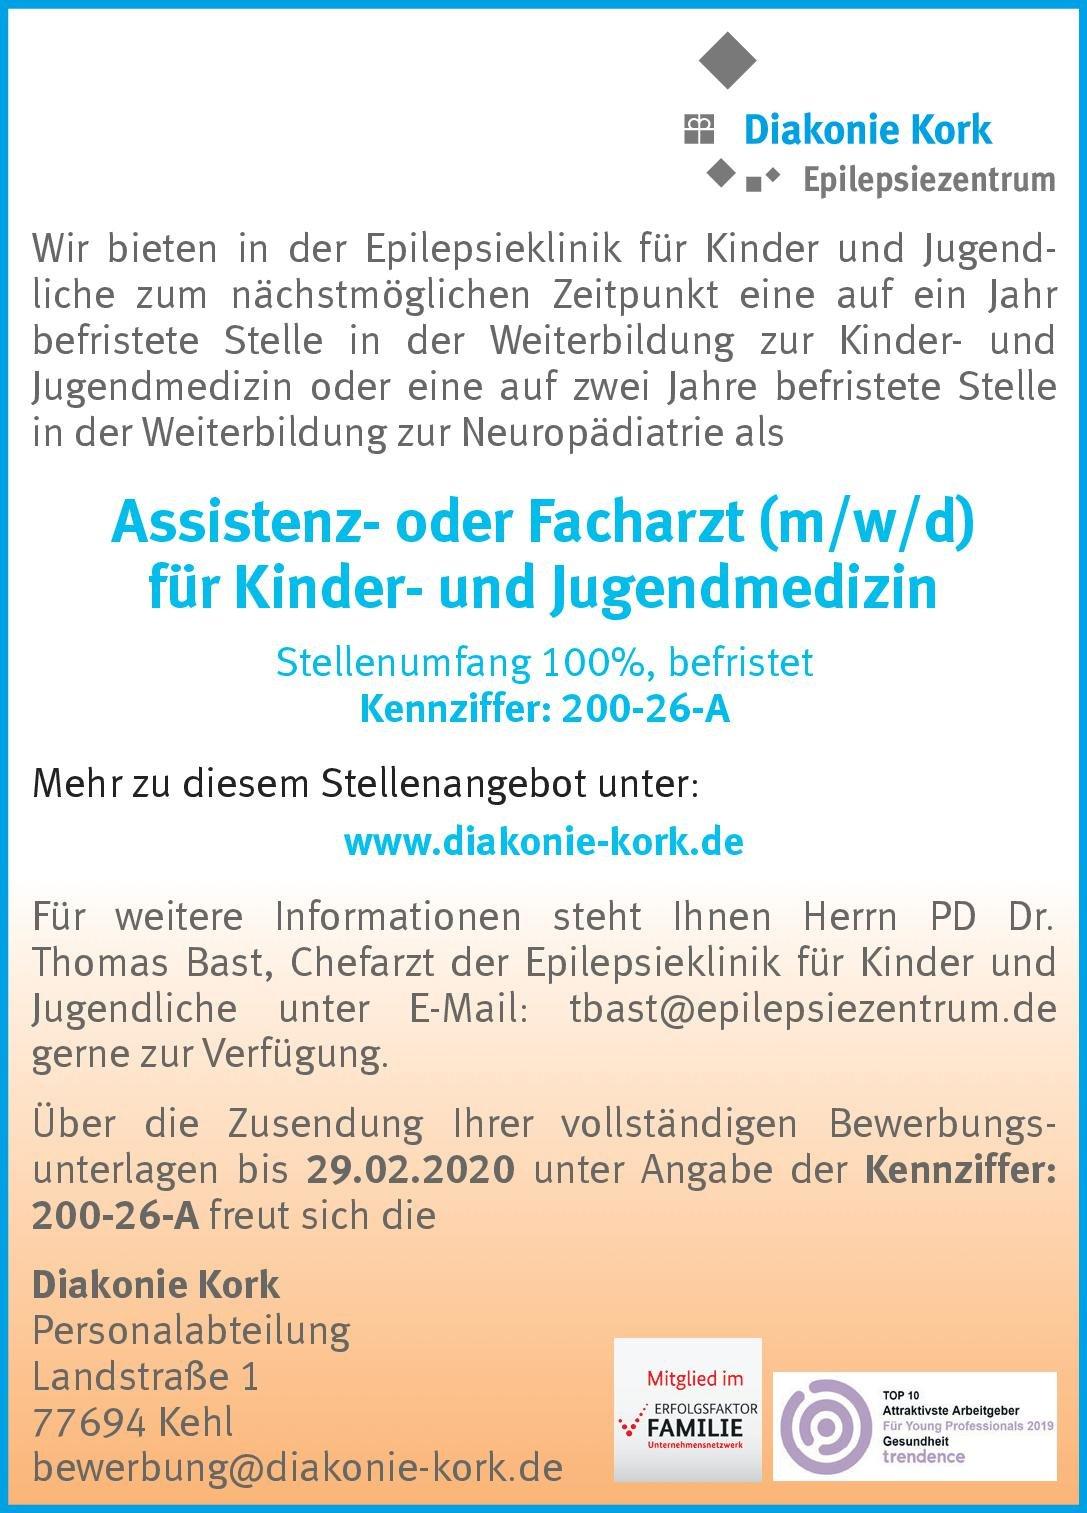 Diakonie Kork Assistenz- oder Facharzt (m/w/d) für Kinder- und Jugendmedizin  Kinder- und Jugendmedizin, Neuropädiatrie Arzt / Facharzt, Assistenzarzt / Arzt in Weiterbildung